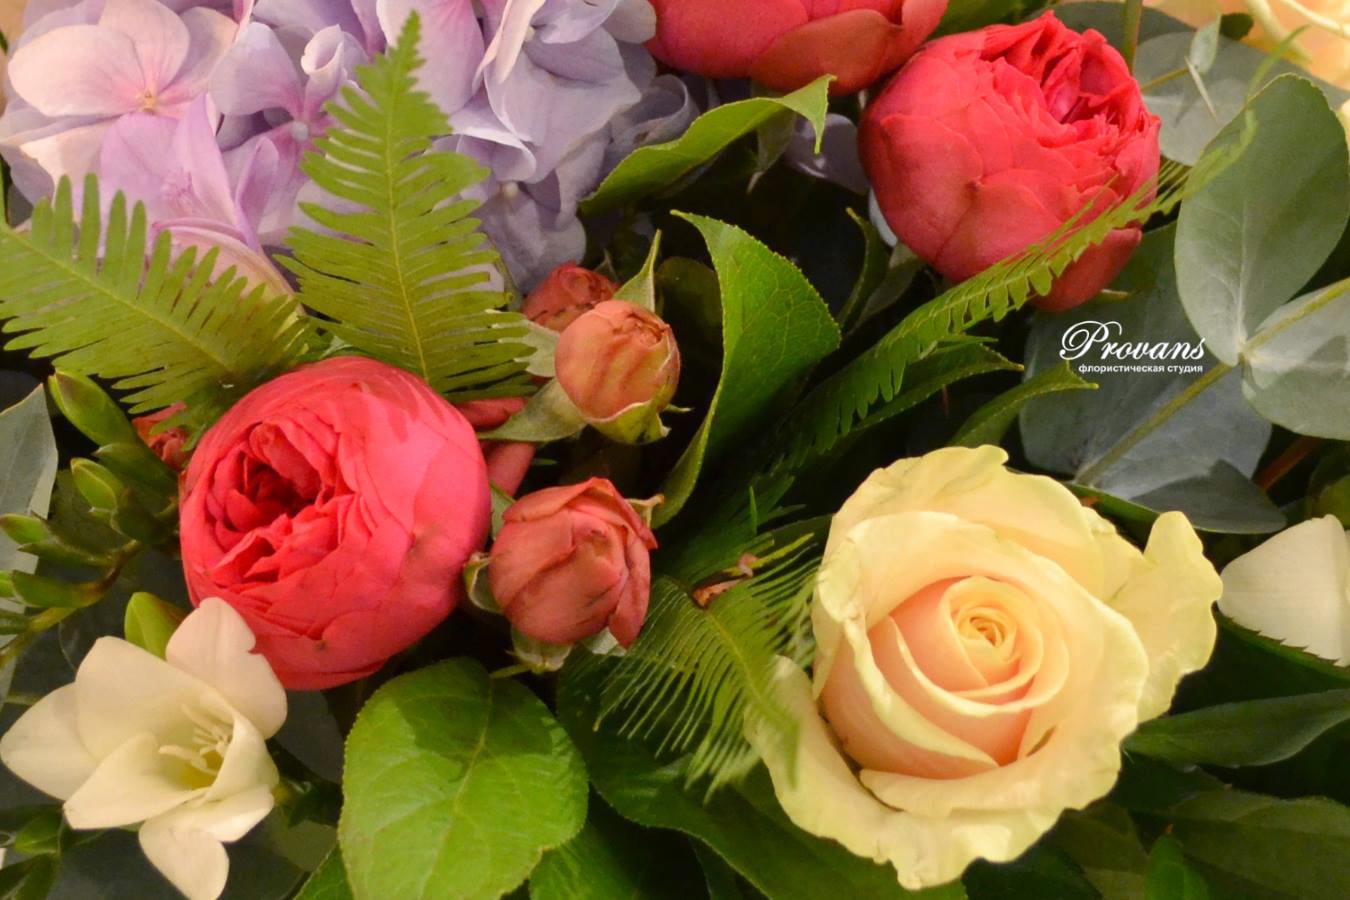 Весенний букет. Пионовидные розы, гортензия, фрезия